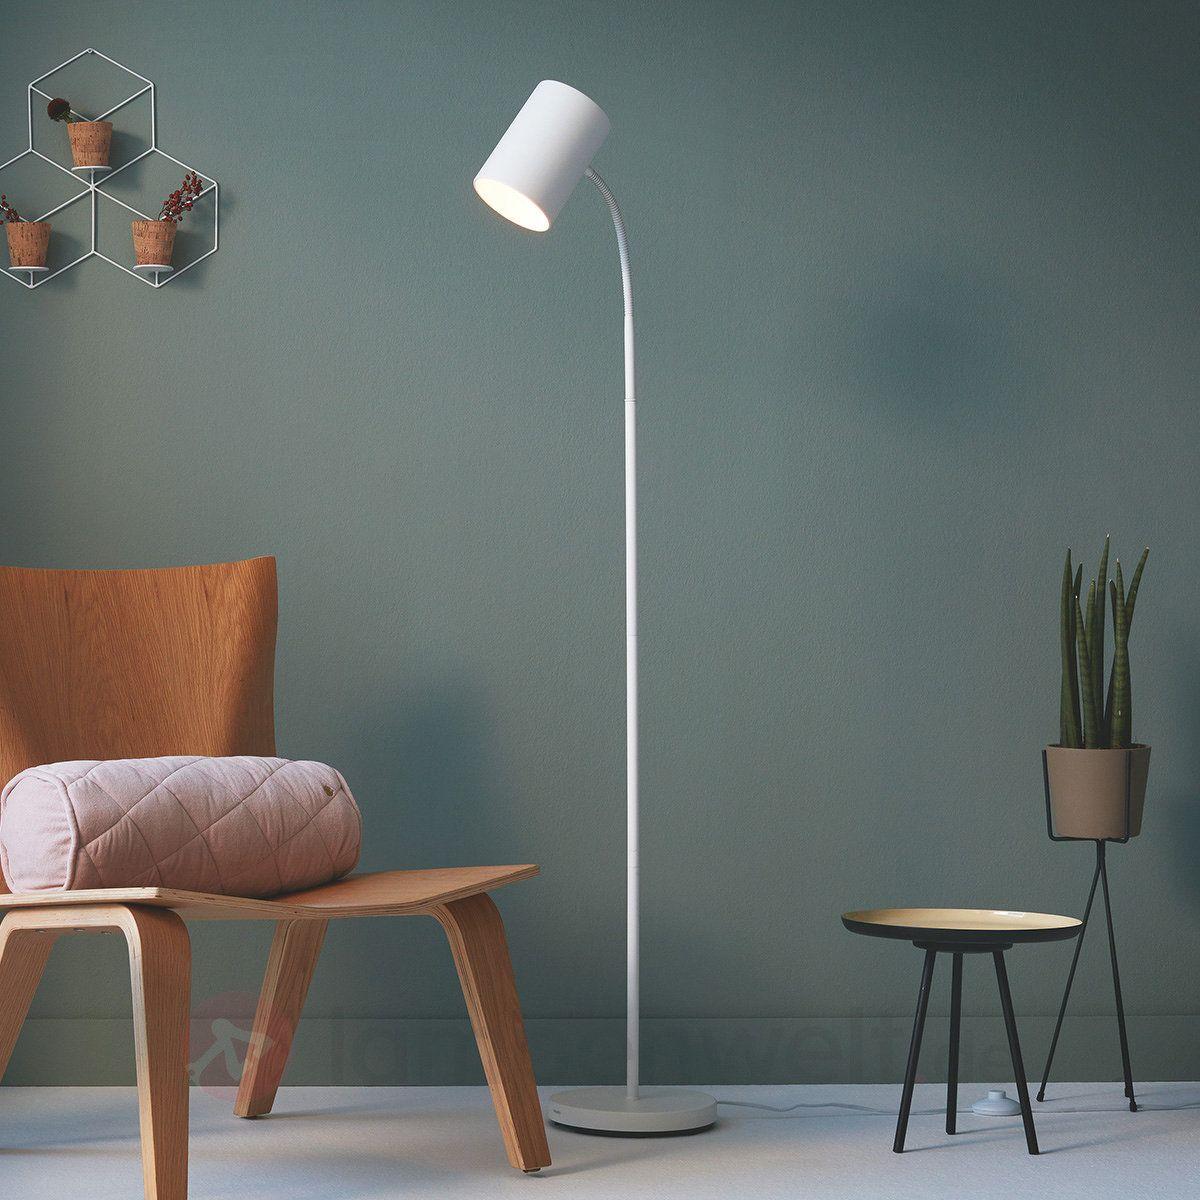 Skandi Style In Kombination Mit Schönstem Licht Und Funktionalen Details Perfekt Zum Entspannen Auf Stehlampe Wohnzimmer Stehlampen Wohnzimmer Stehlampe Weiß